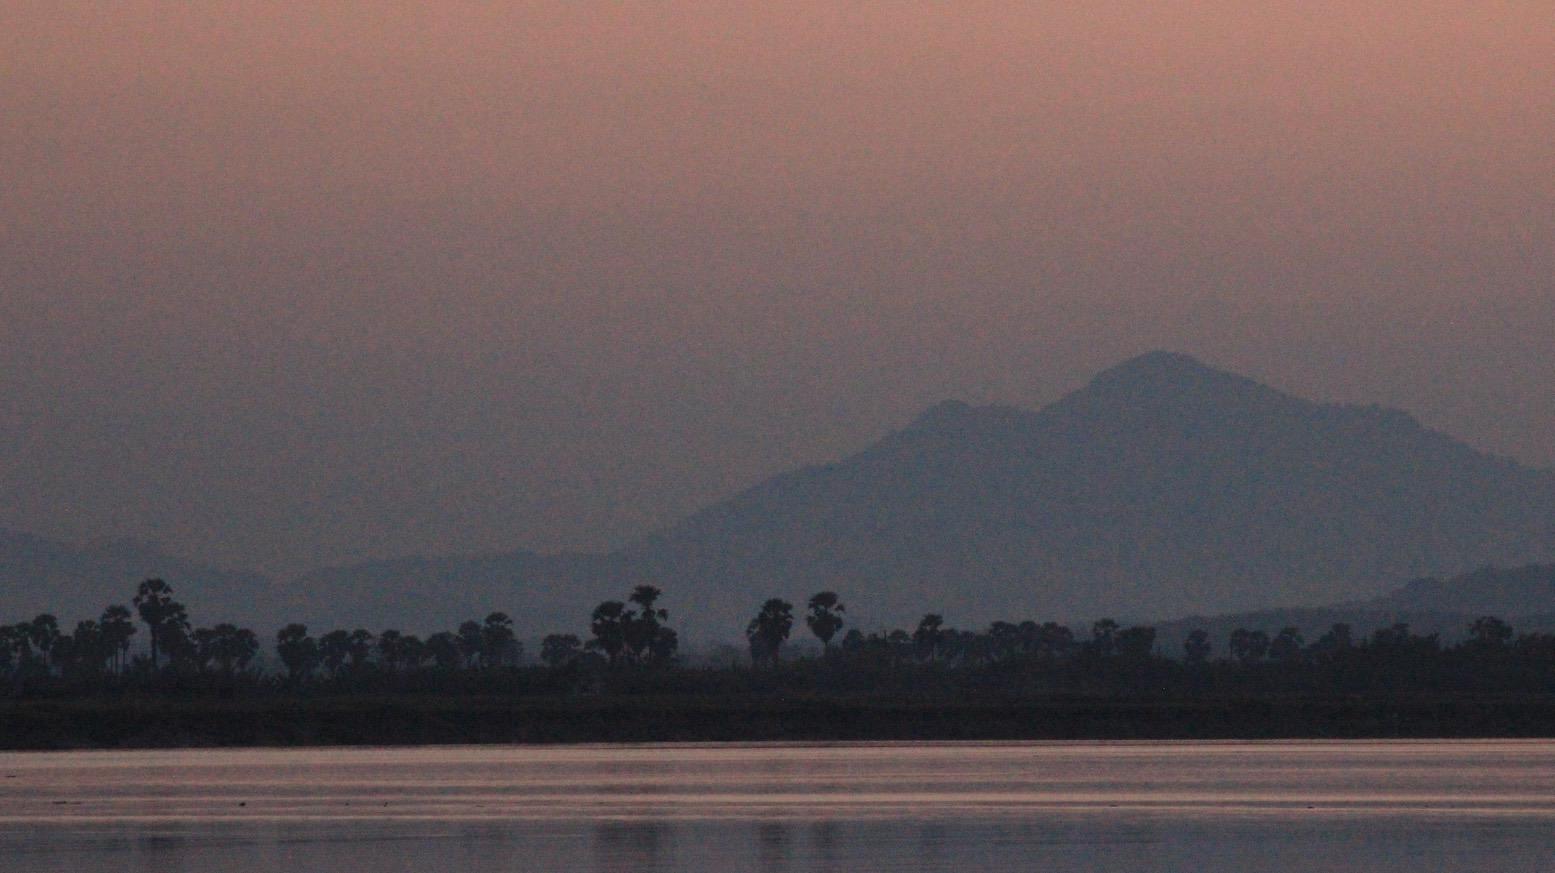 Perlé desea FELIZ NAVIDAD a todos sus seguidoresdesde Birmania.  13